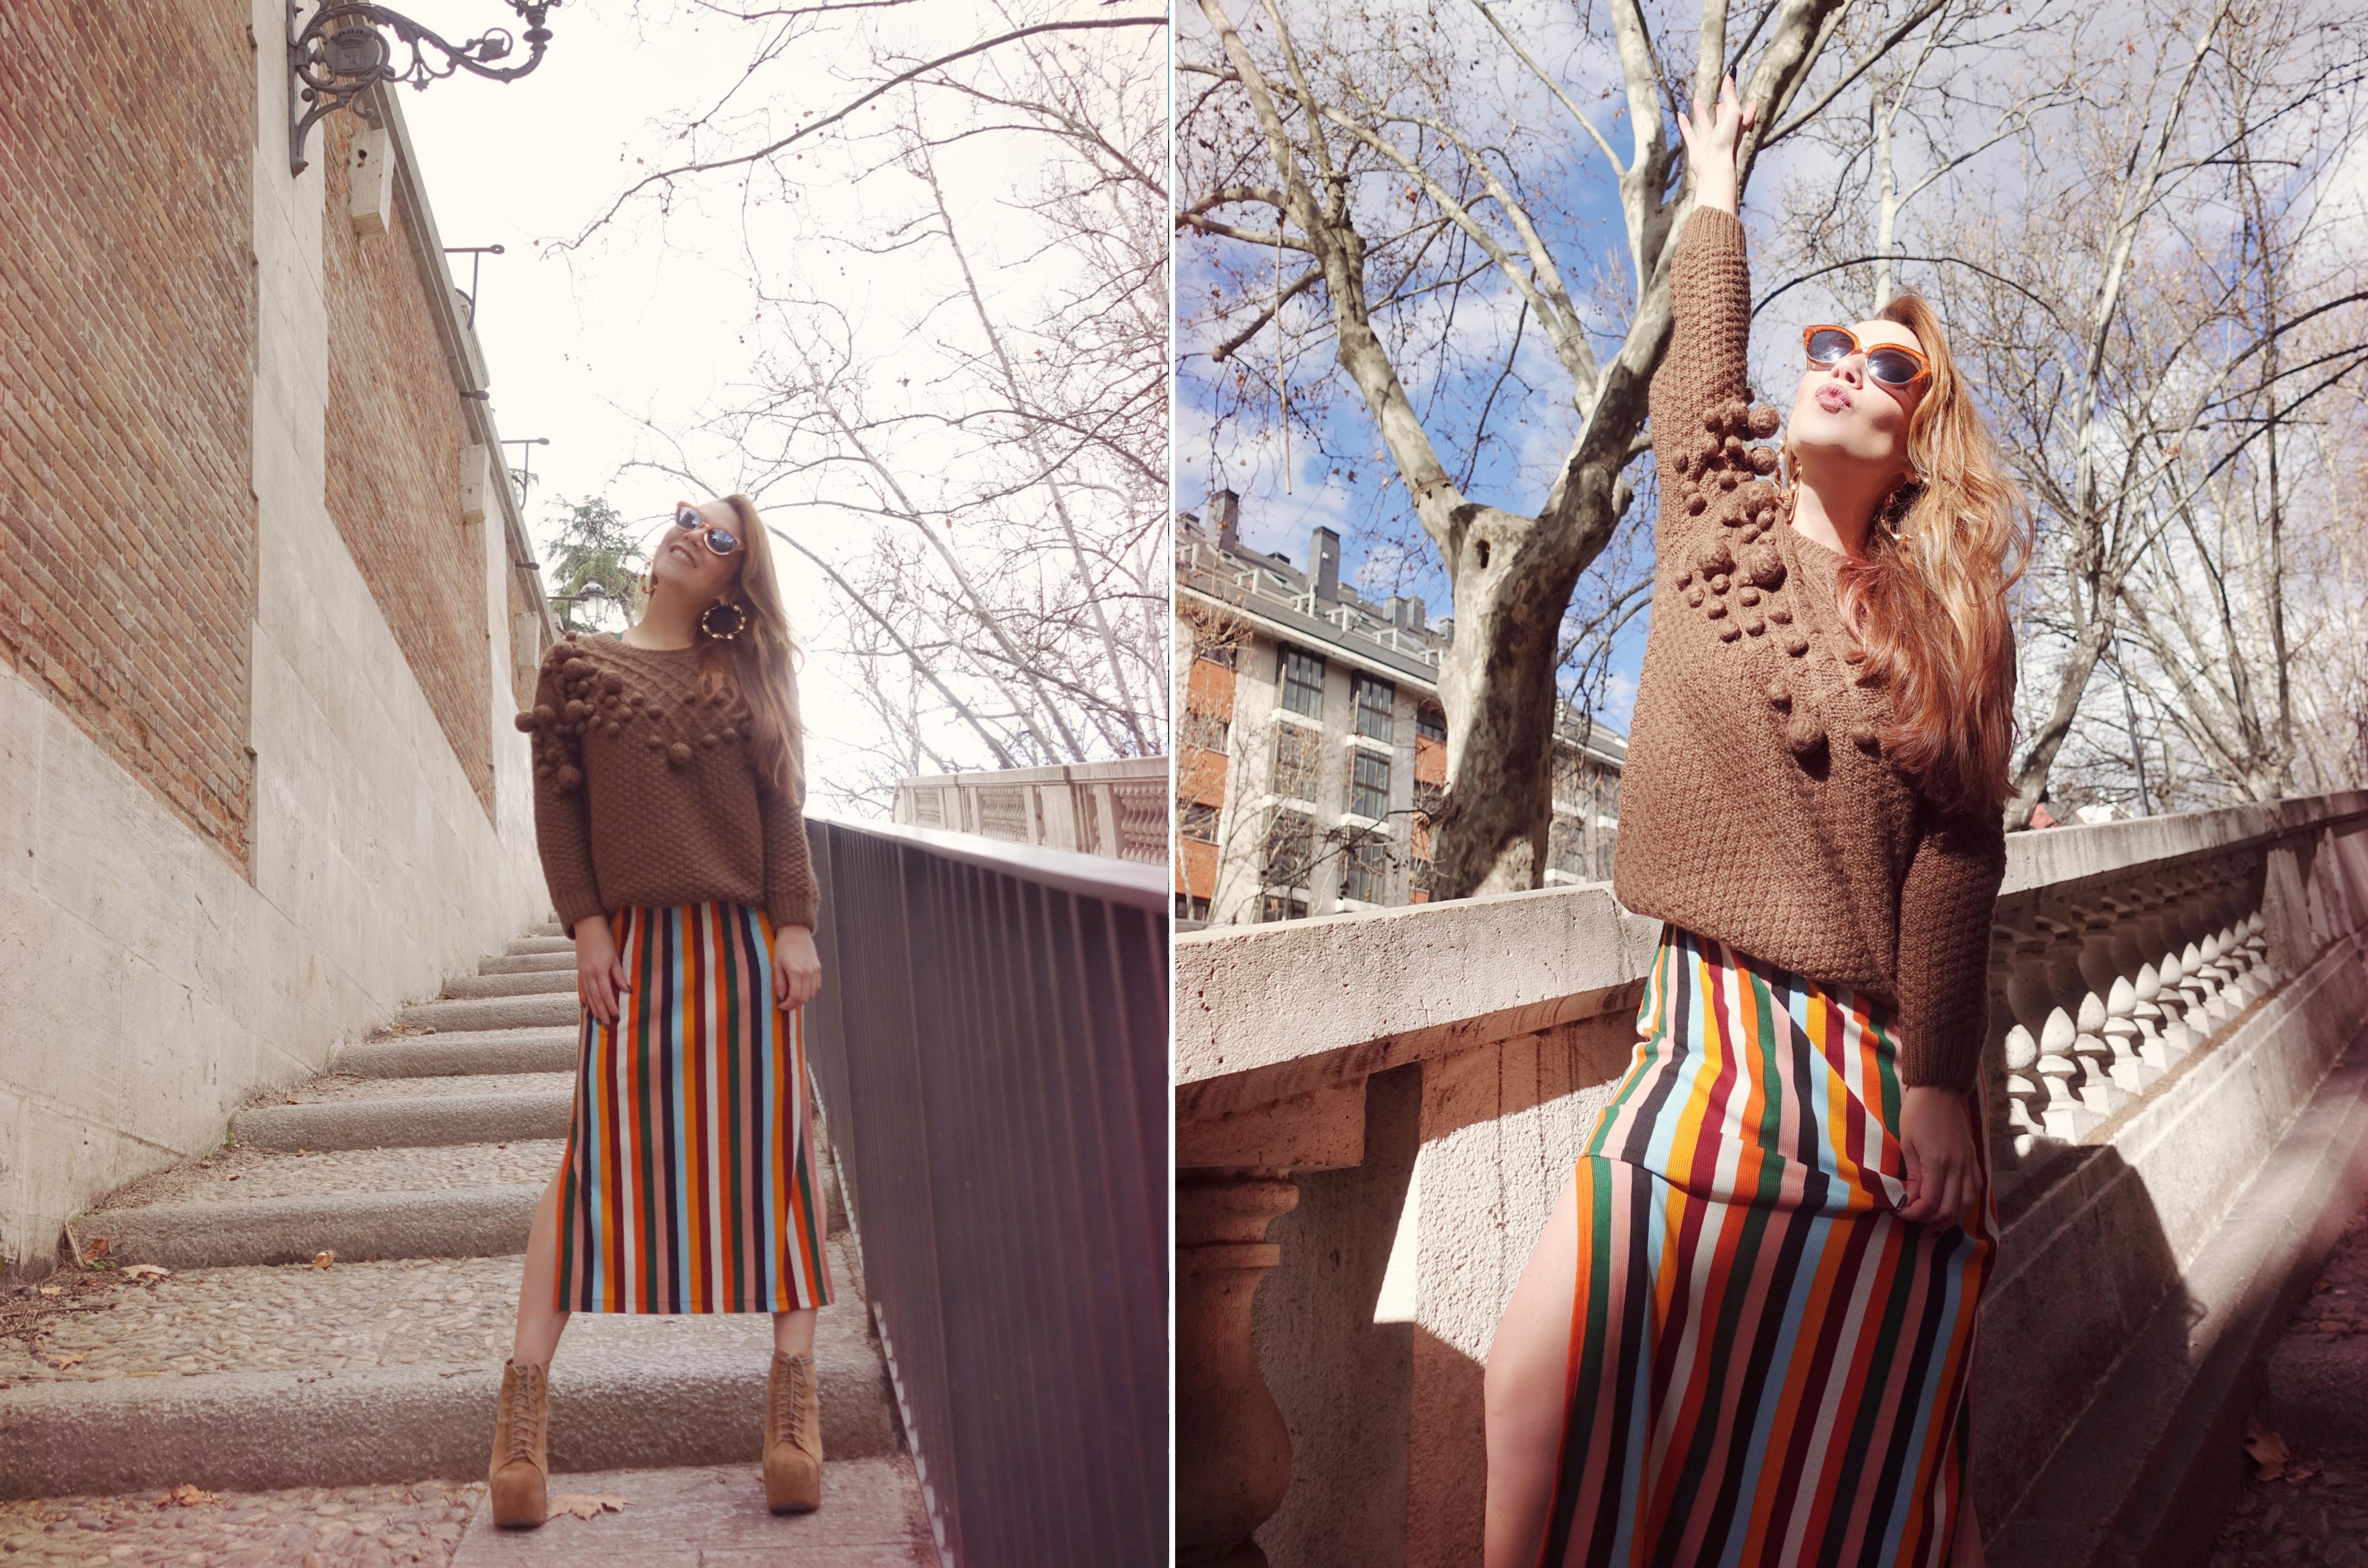 Sweater-weather-look-marron-vestidos-de-invierno-chic-adicta-influencer-piensa-en-chic-blog-de-moda-madrid-botines-altos-chic-adicta-piensa-en-chic